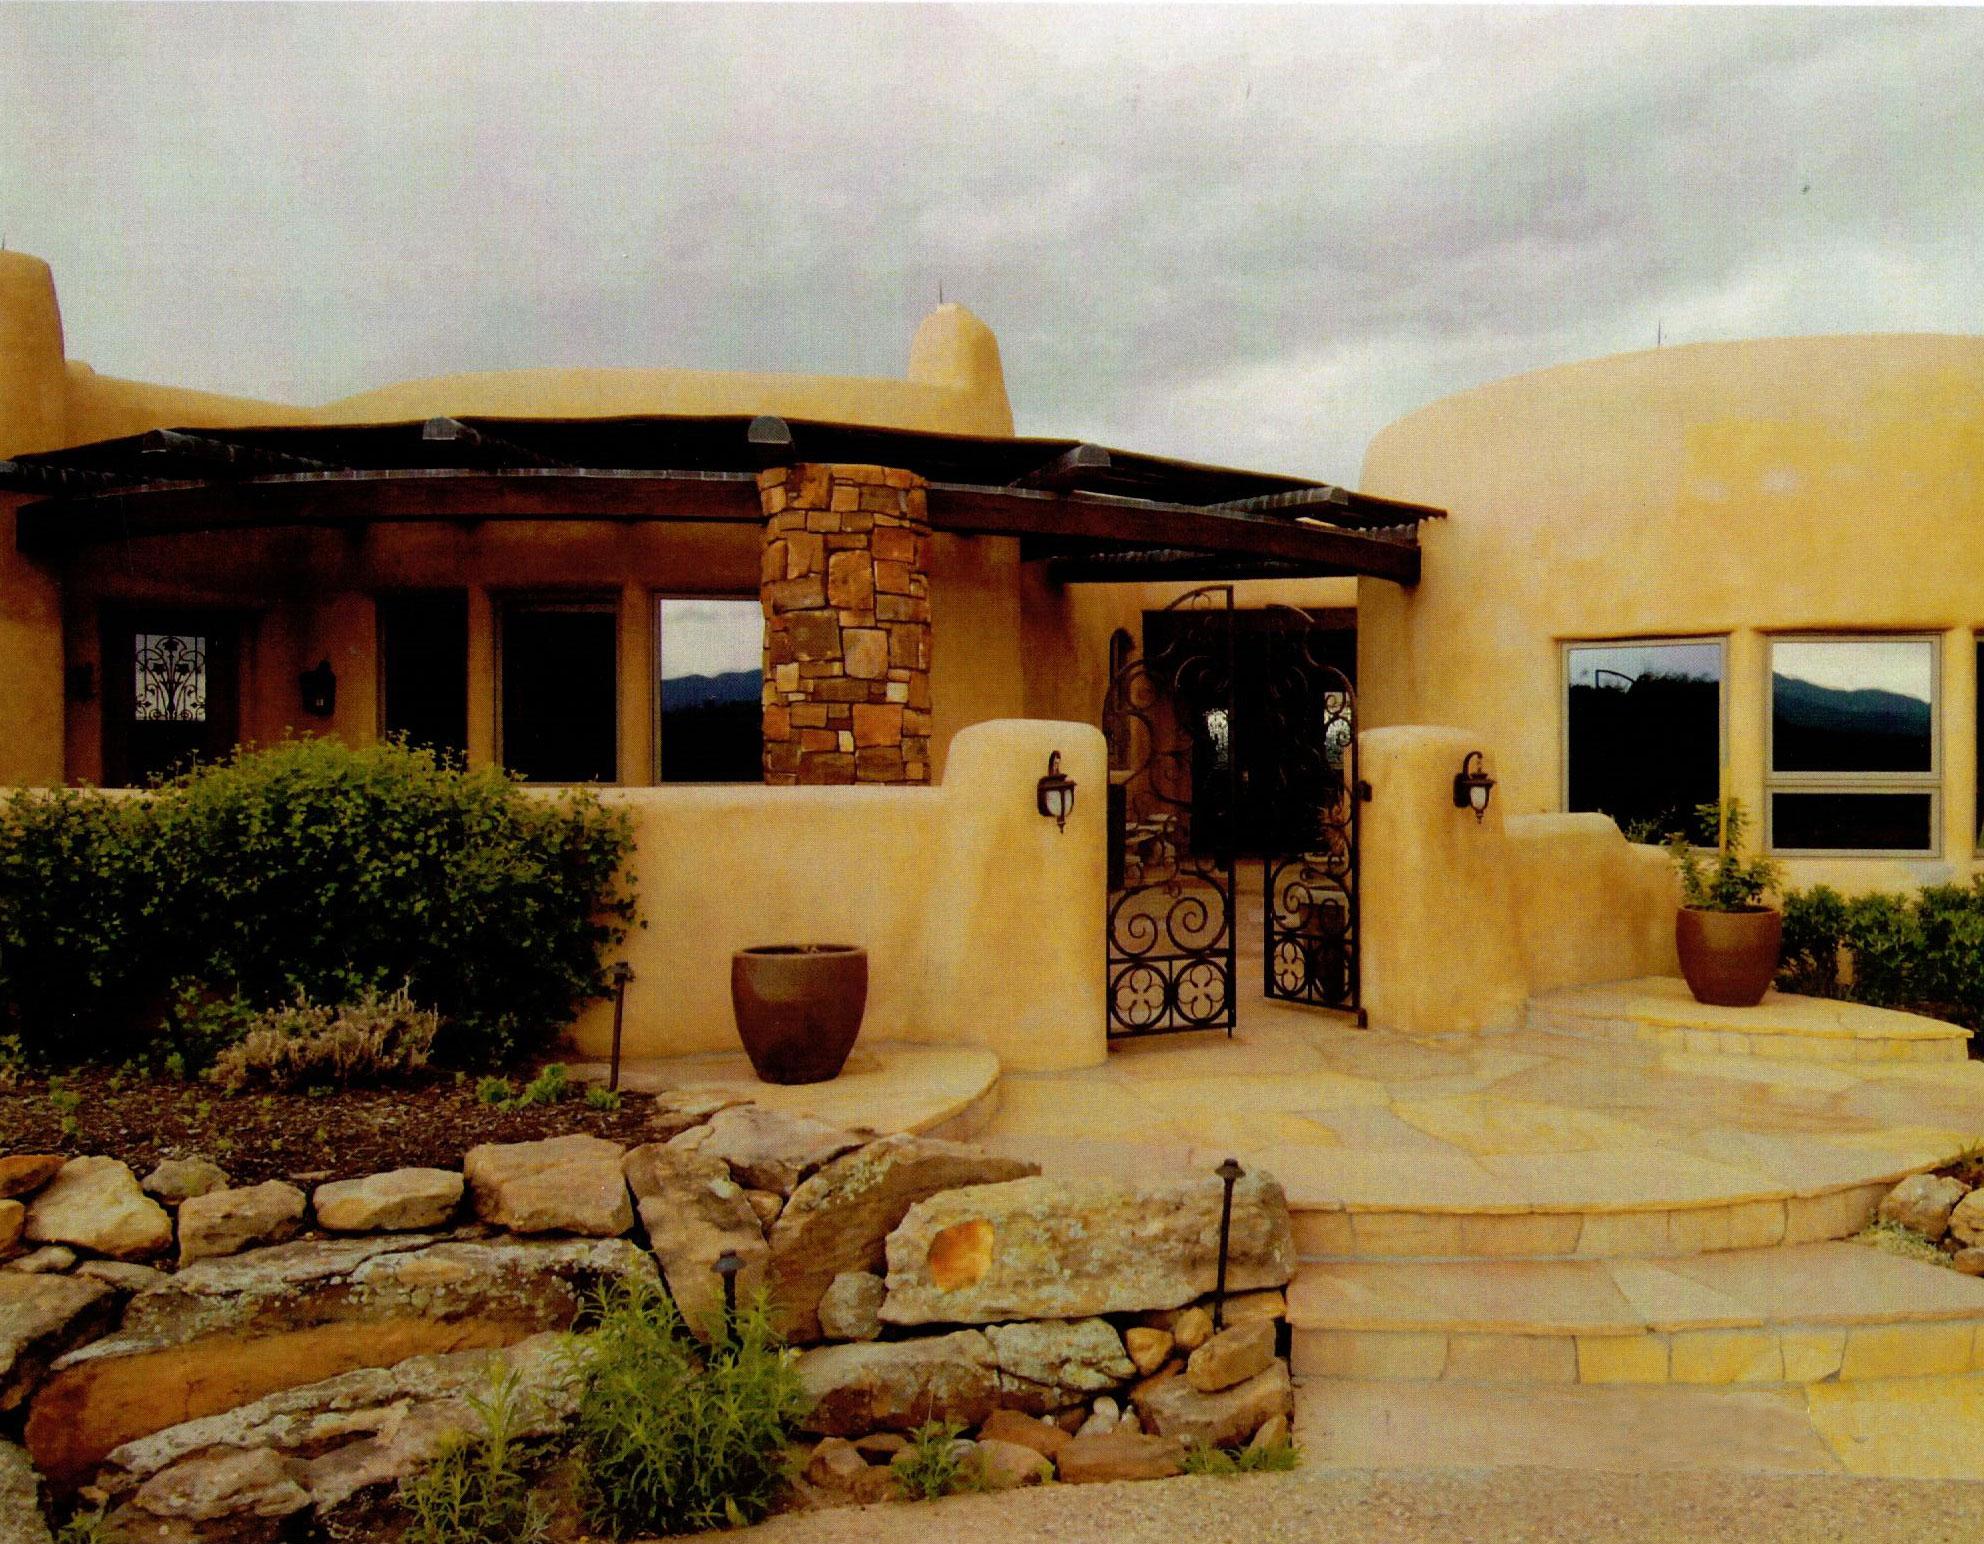 Gougis Residence - Entry Court